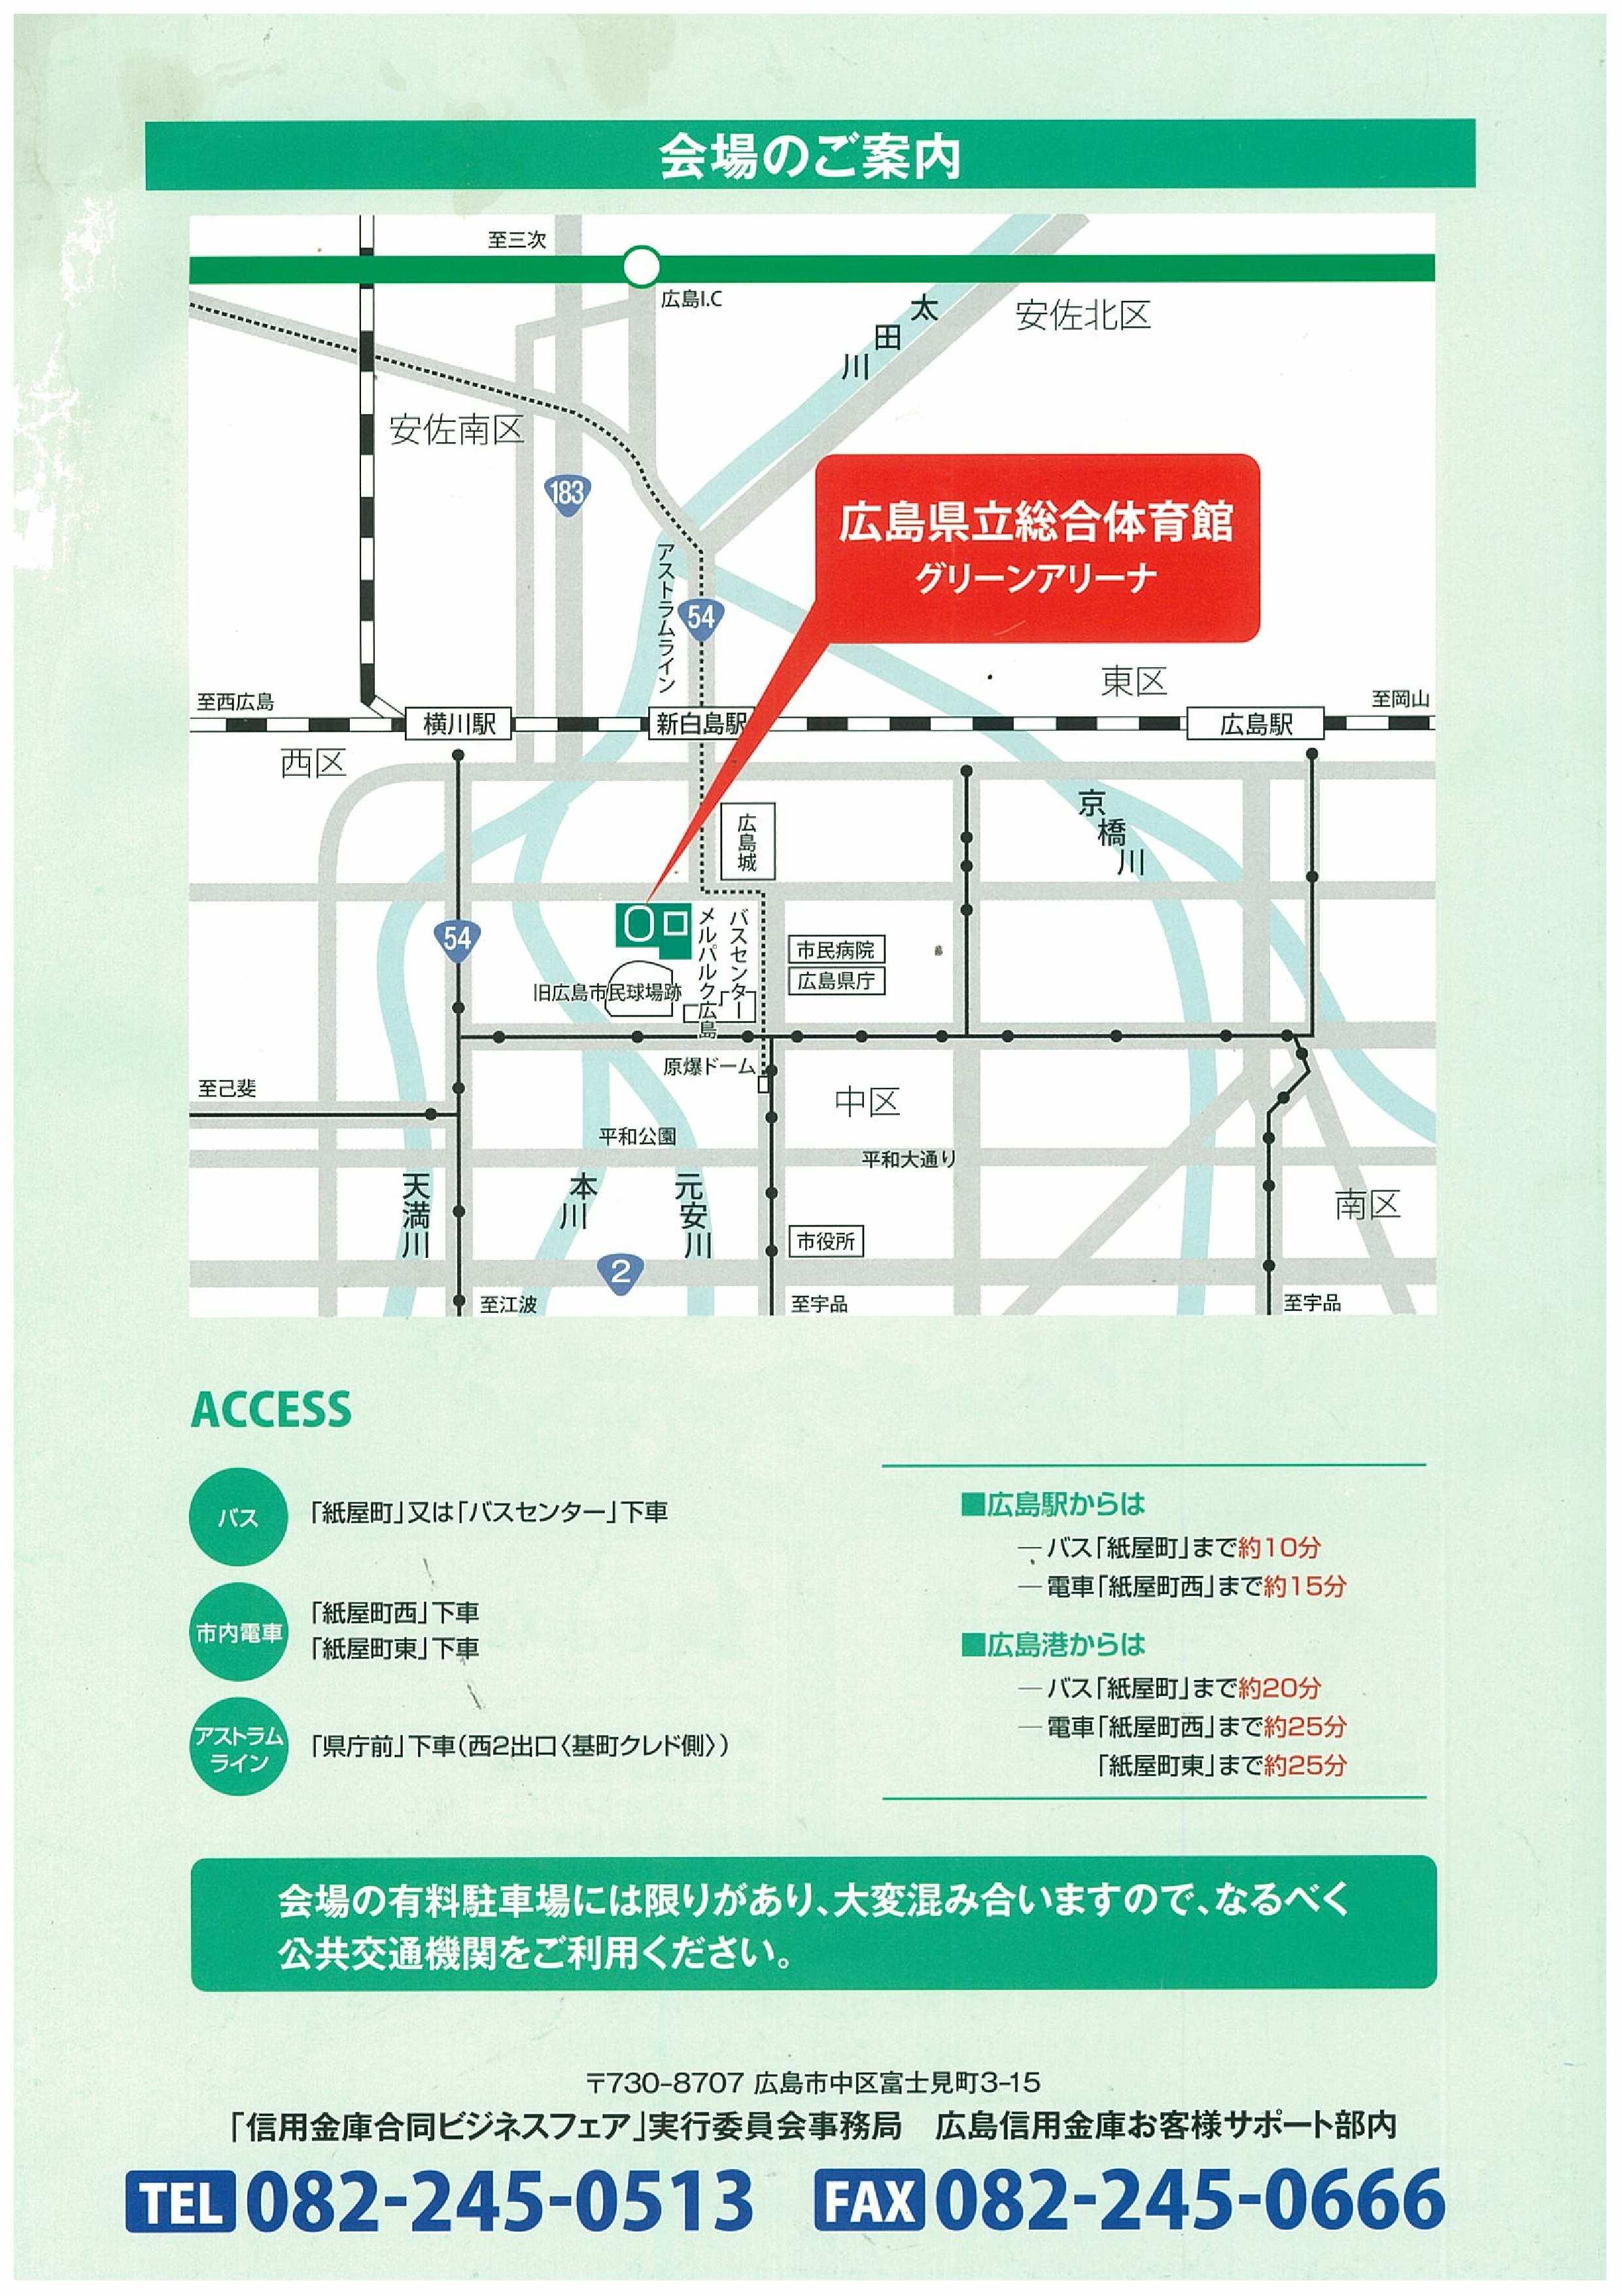 ビジネスフェア広島グリーンアリーナ2016 会場マップ